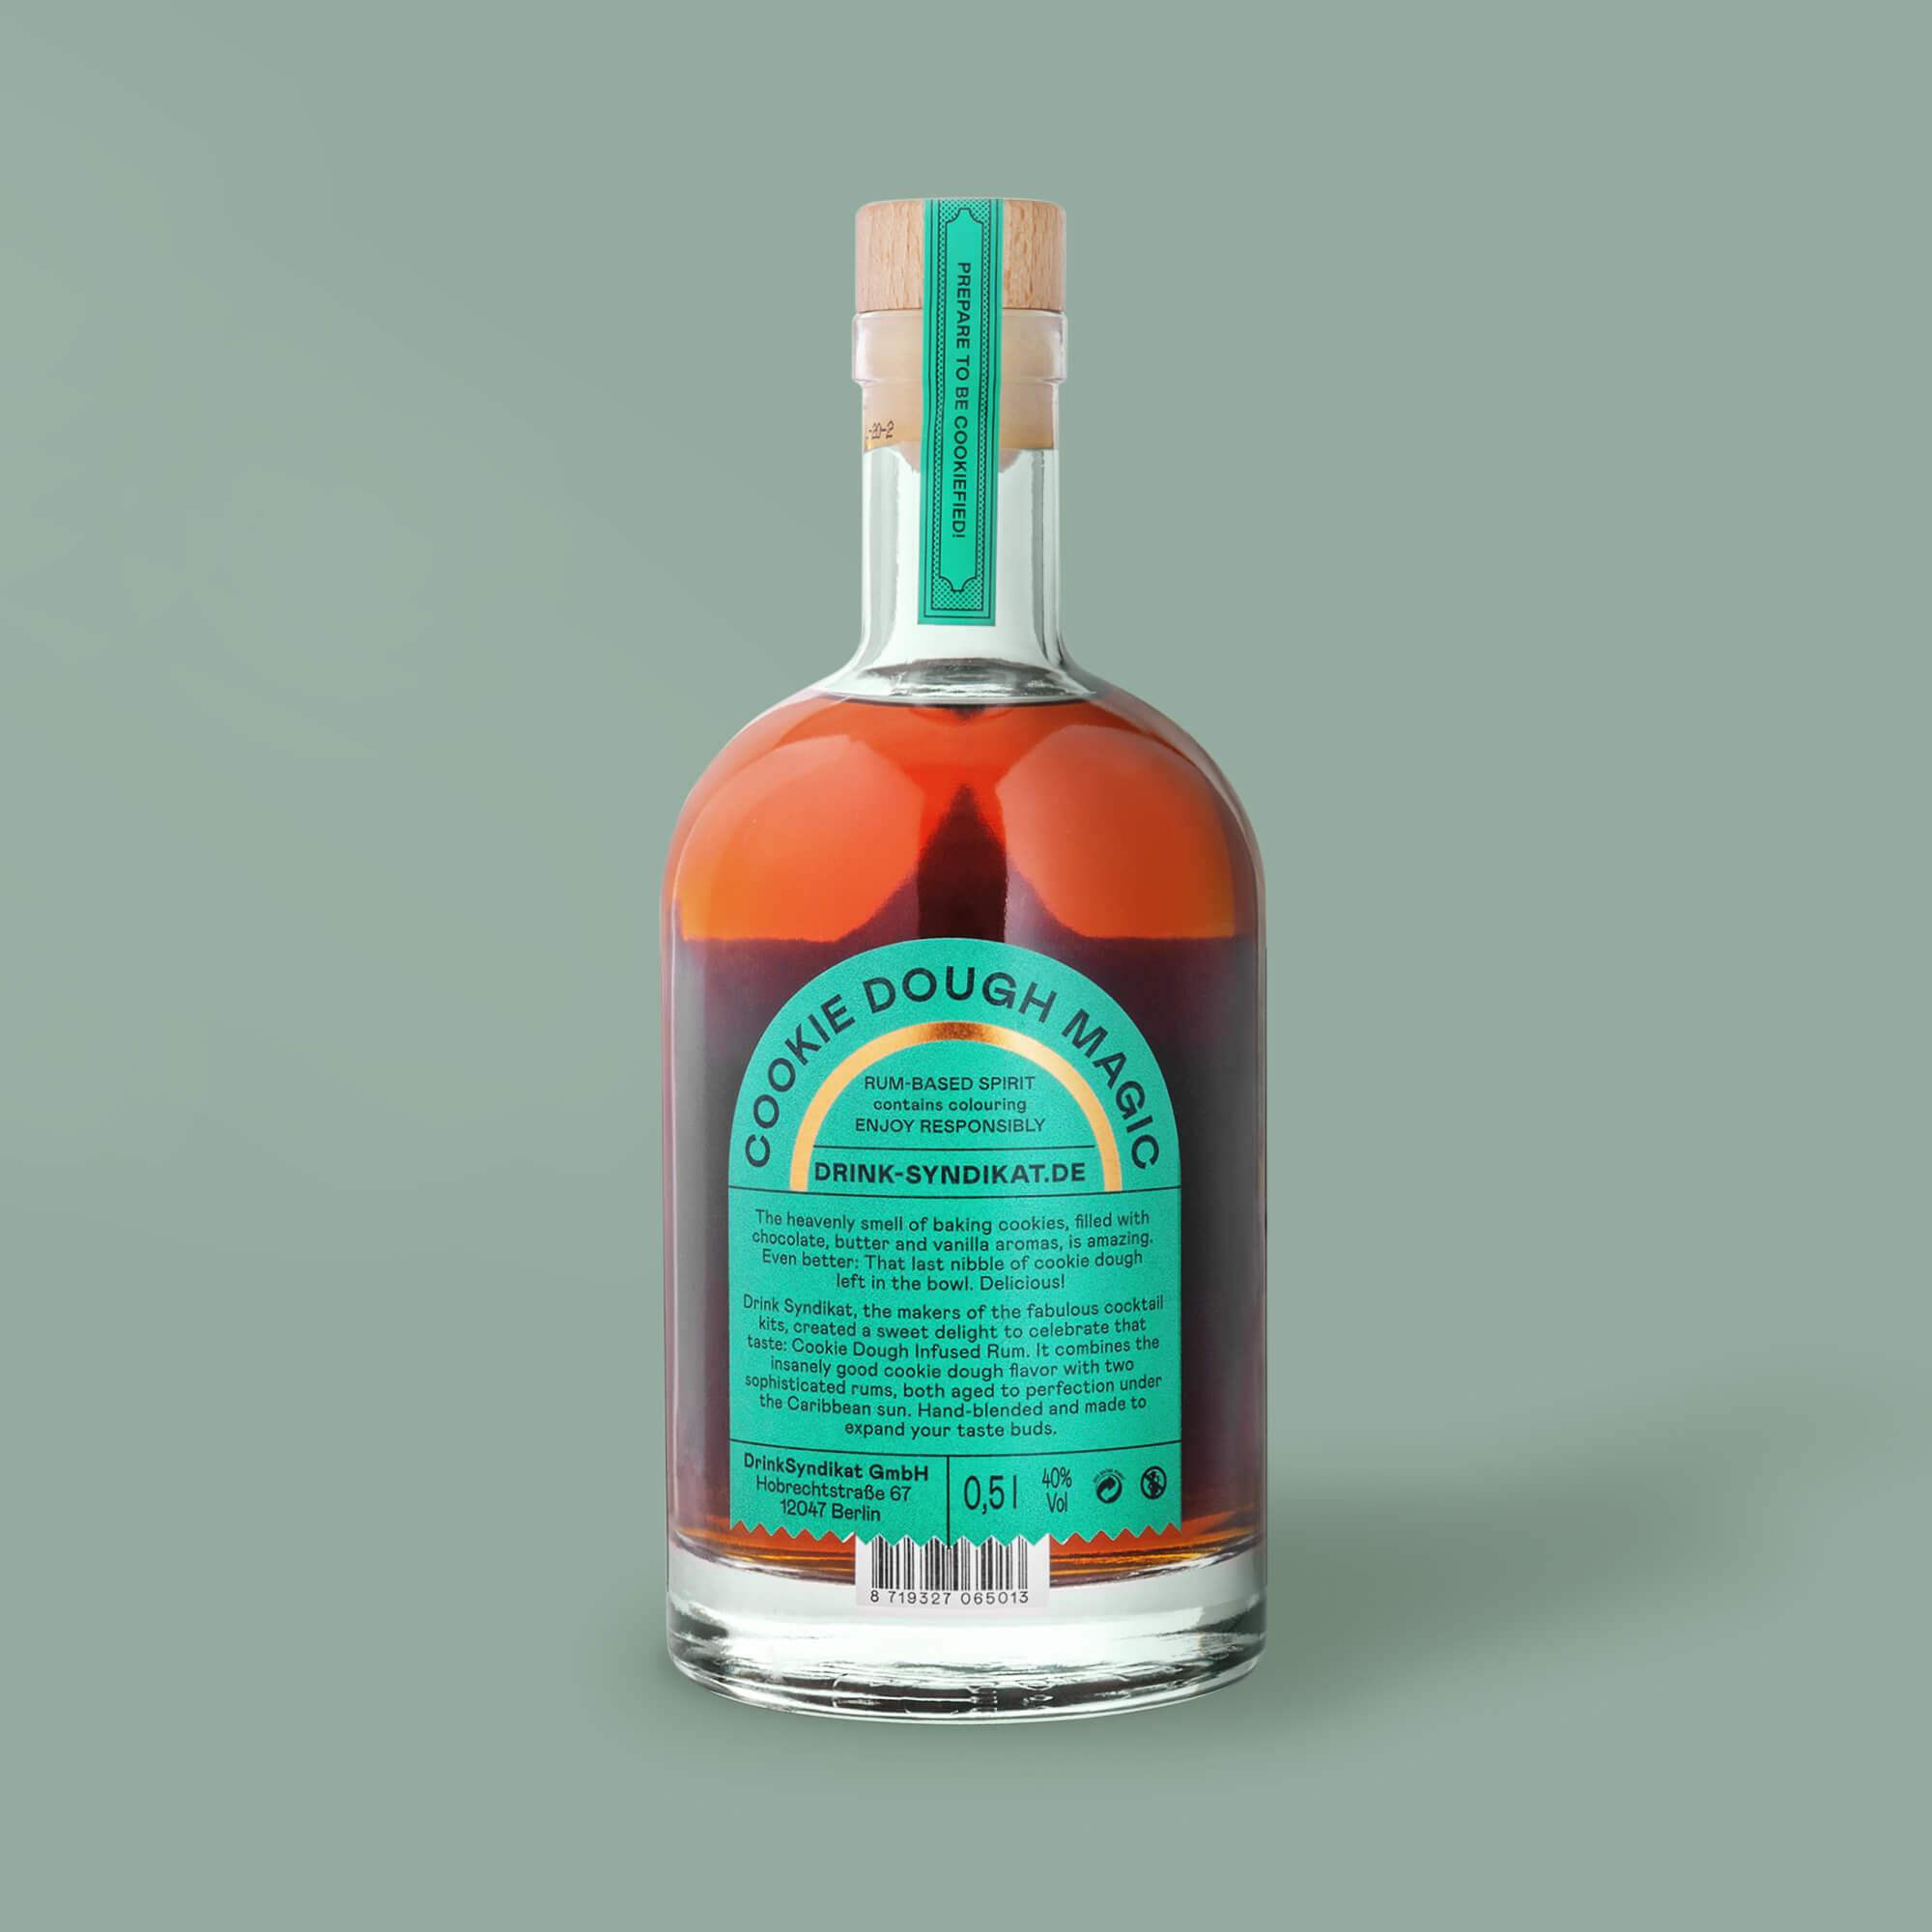 Rückseite der Flasche